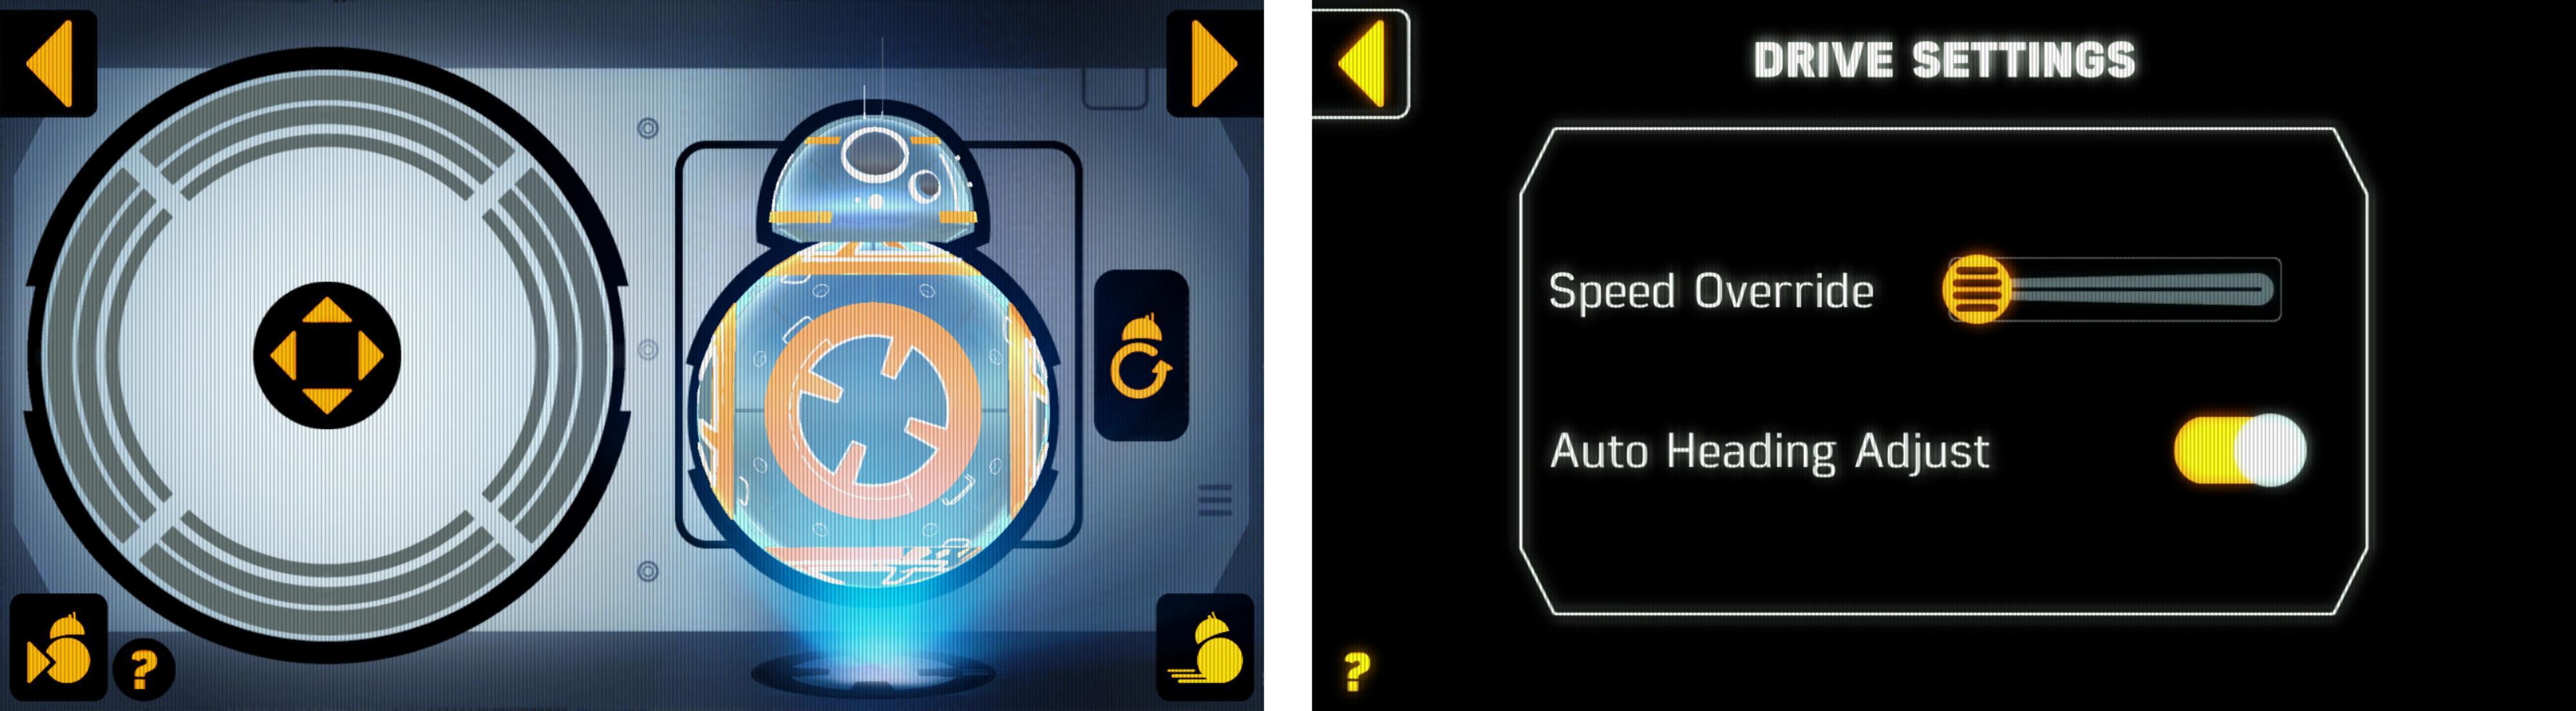 Det er forholdsvis enkelt å styre Sphero BB-8. I hvert fall når den har kommet i gang. Men stiller du hastigheten til topps blir den mer utfordrende. Foto: Finn Jarle Kvalheim, Tek.no